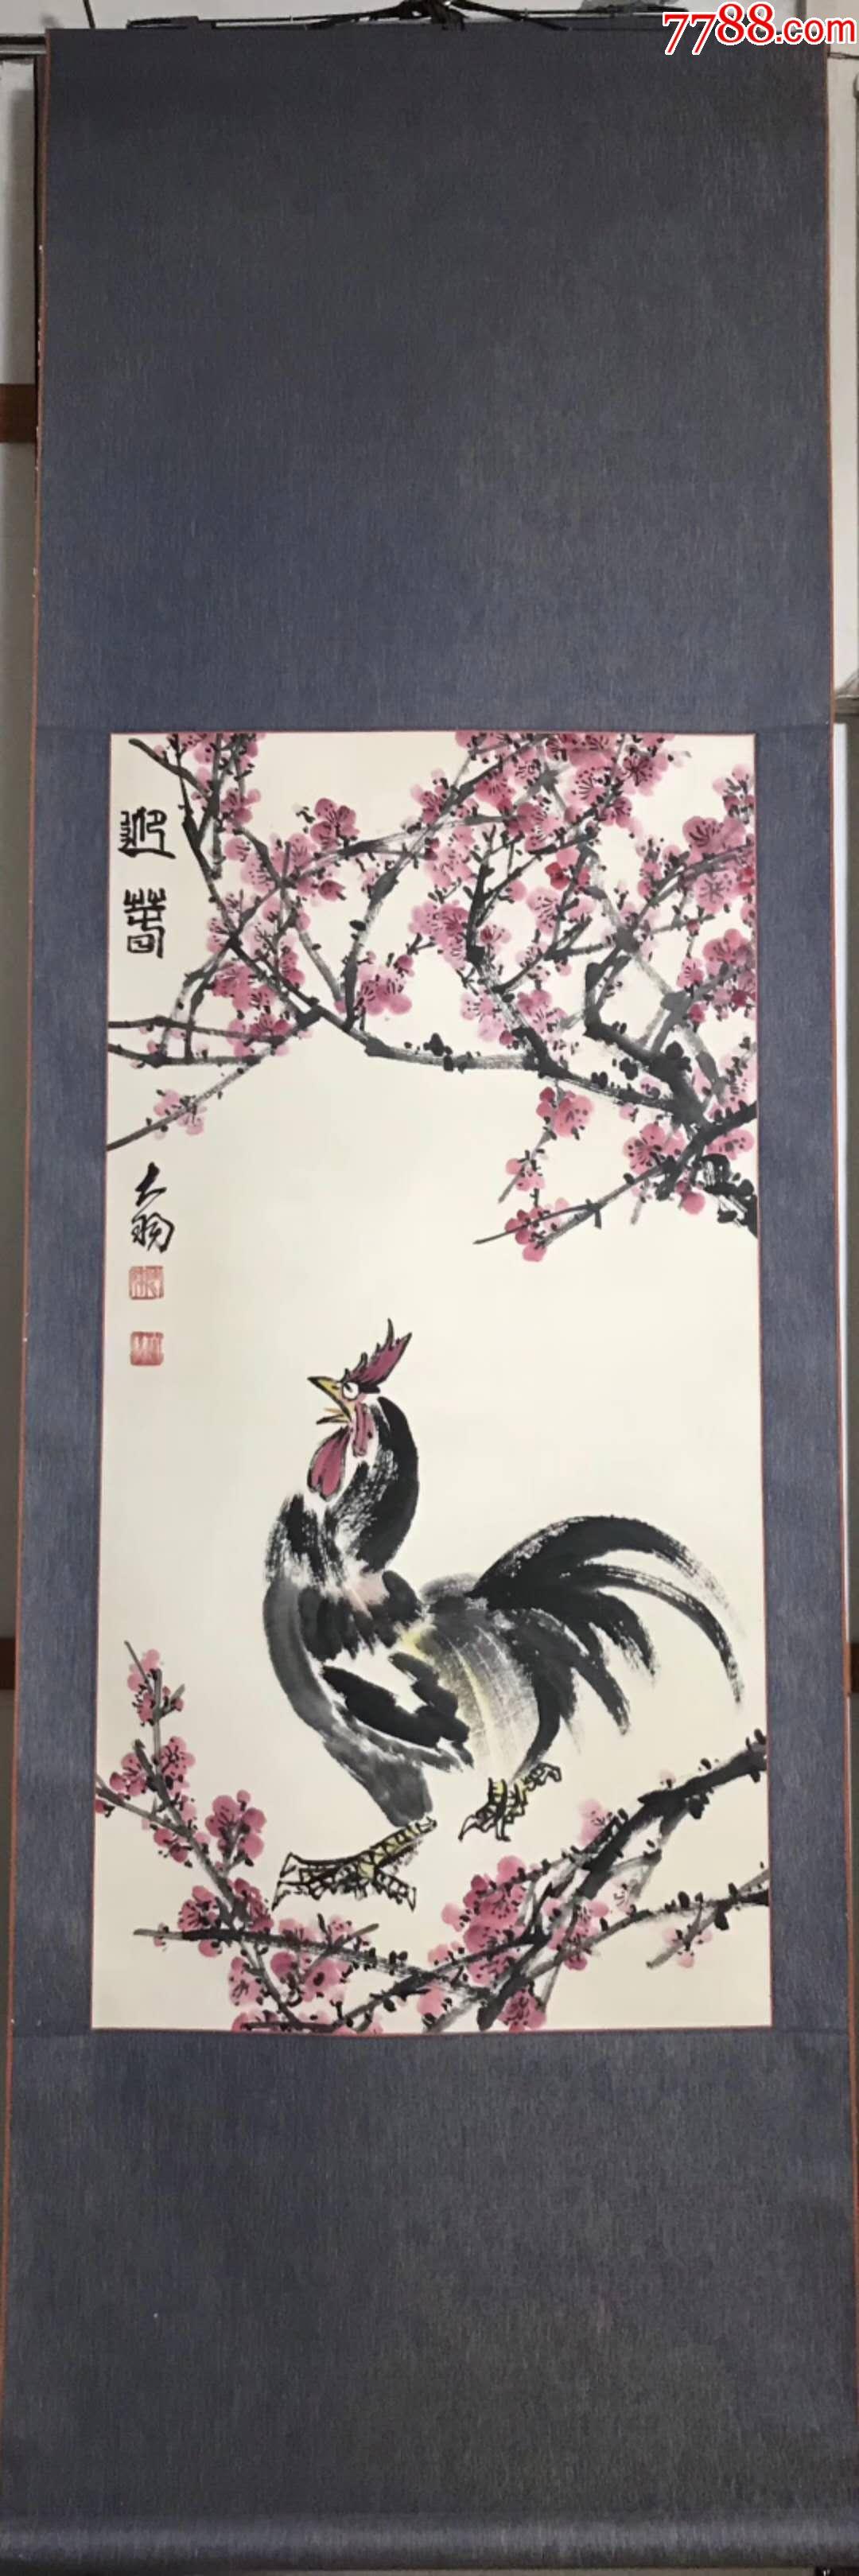 陈大羽精品大鸡图,镜芯100×50(zc19971858)_